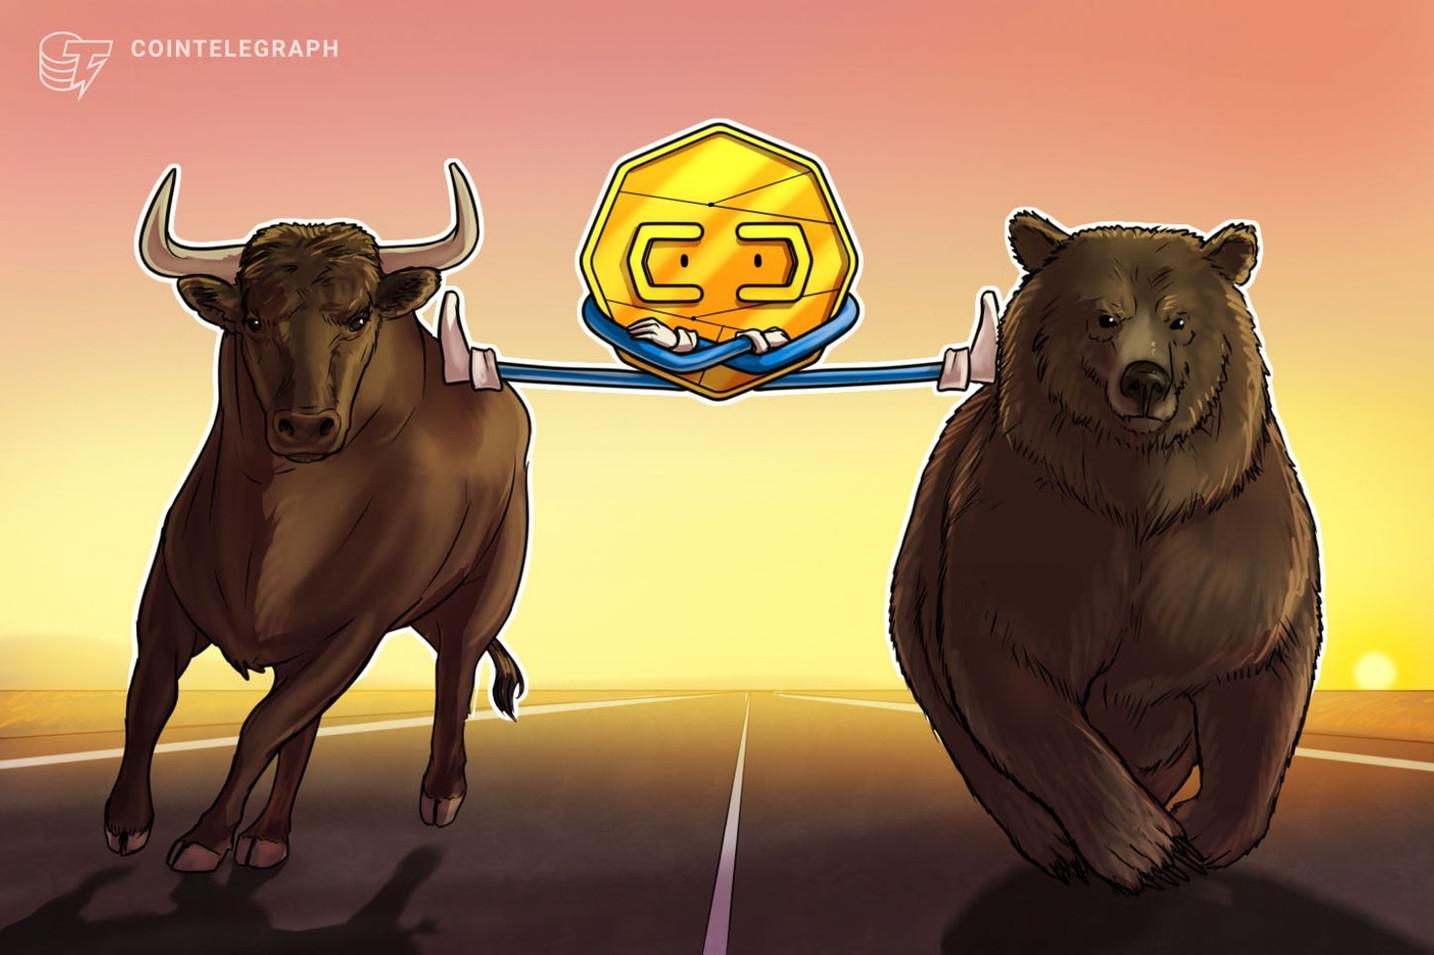 仮想通貨ビットコイン、「強気レジーム」も1万ドルに強力なレジスタンス